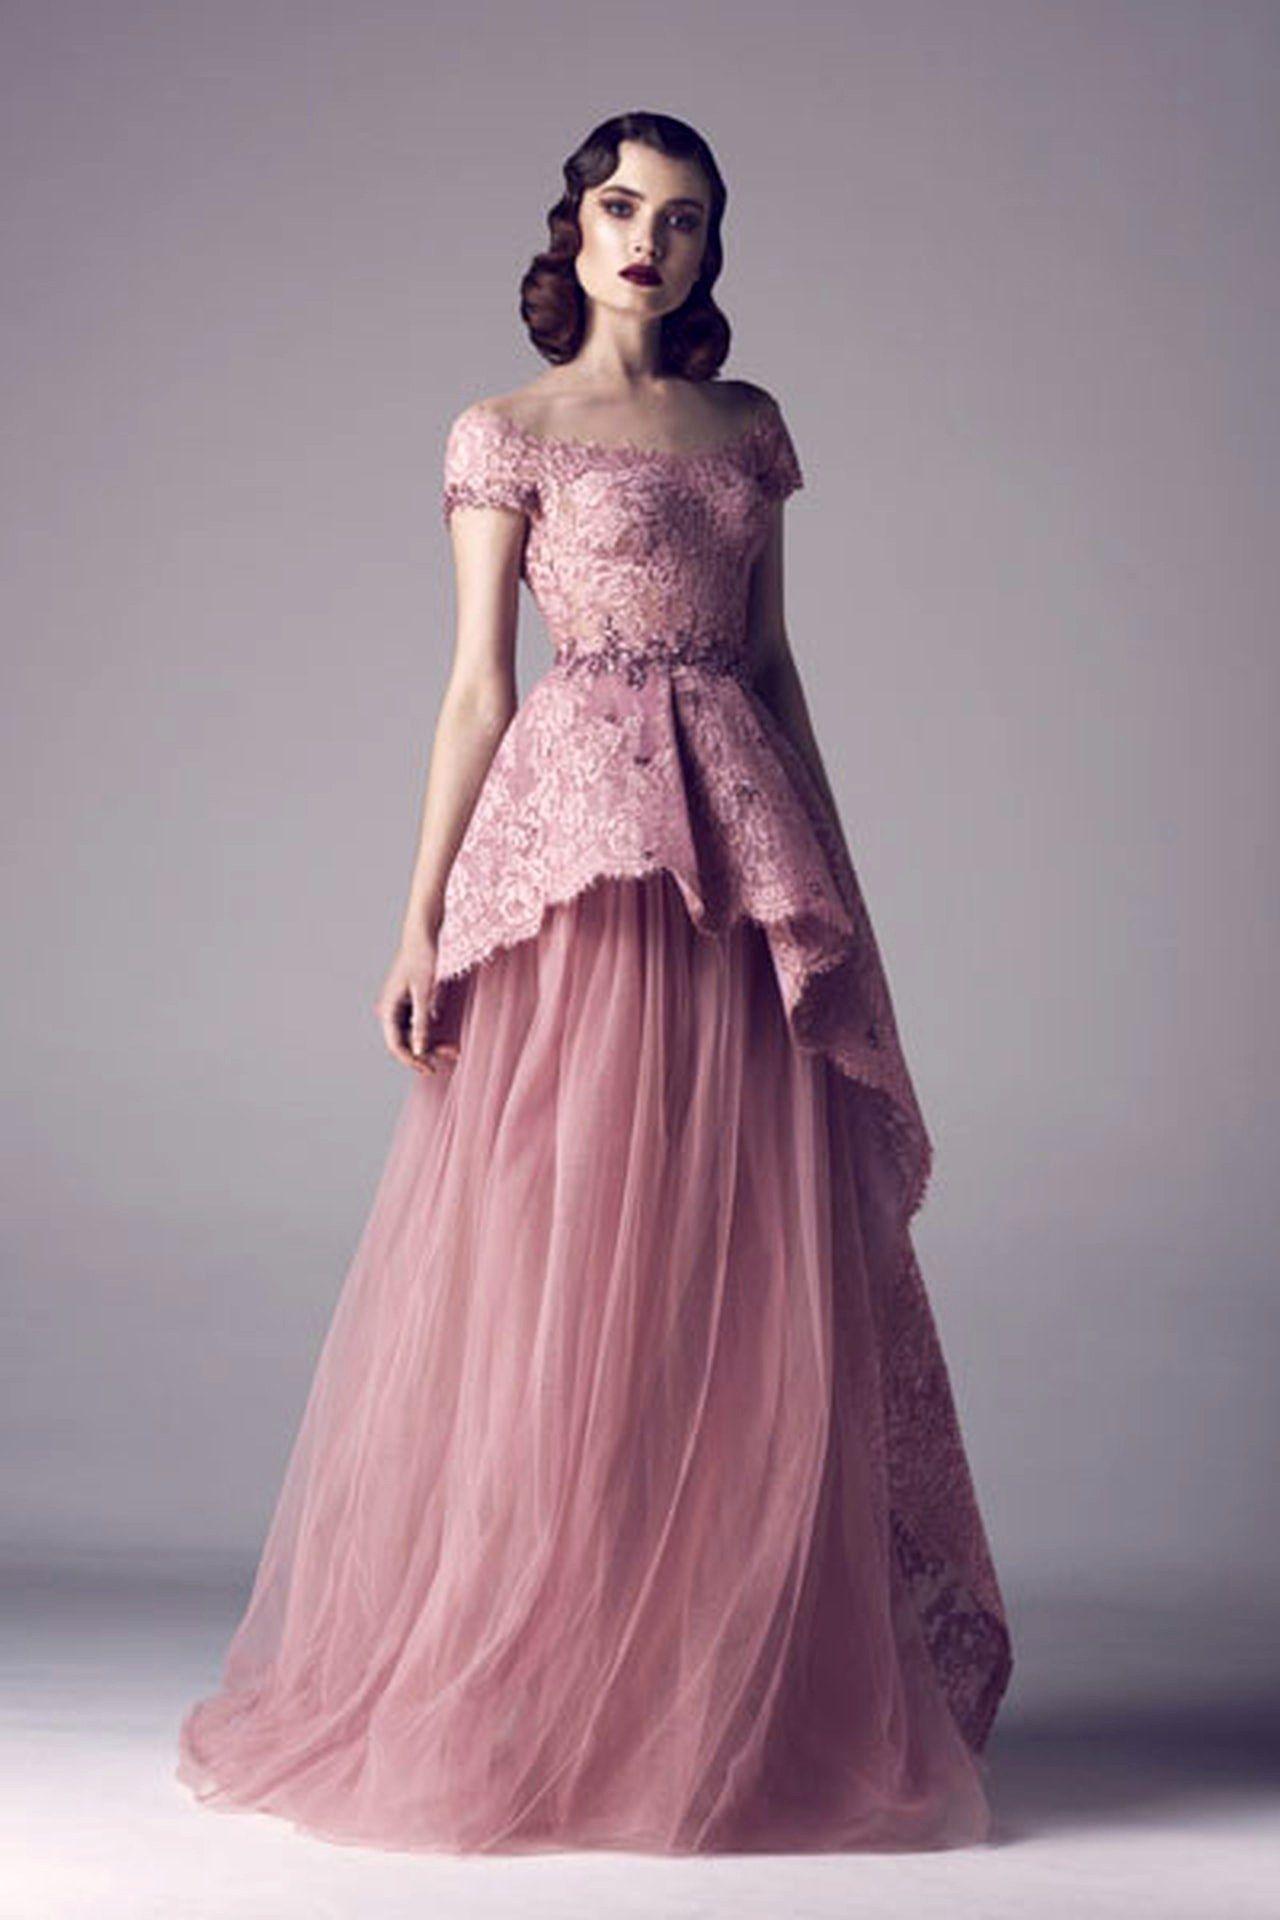 Groß Vestidos Novia Negros Galerie - Hochzeit Kleid Stile Ideen ...